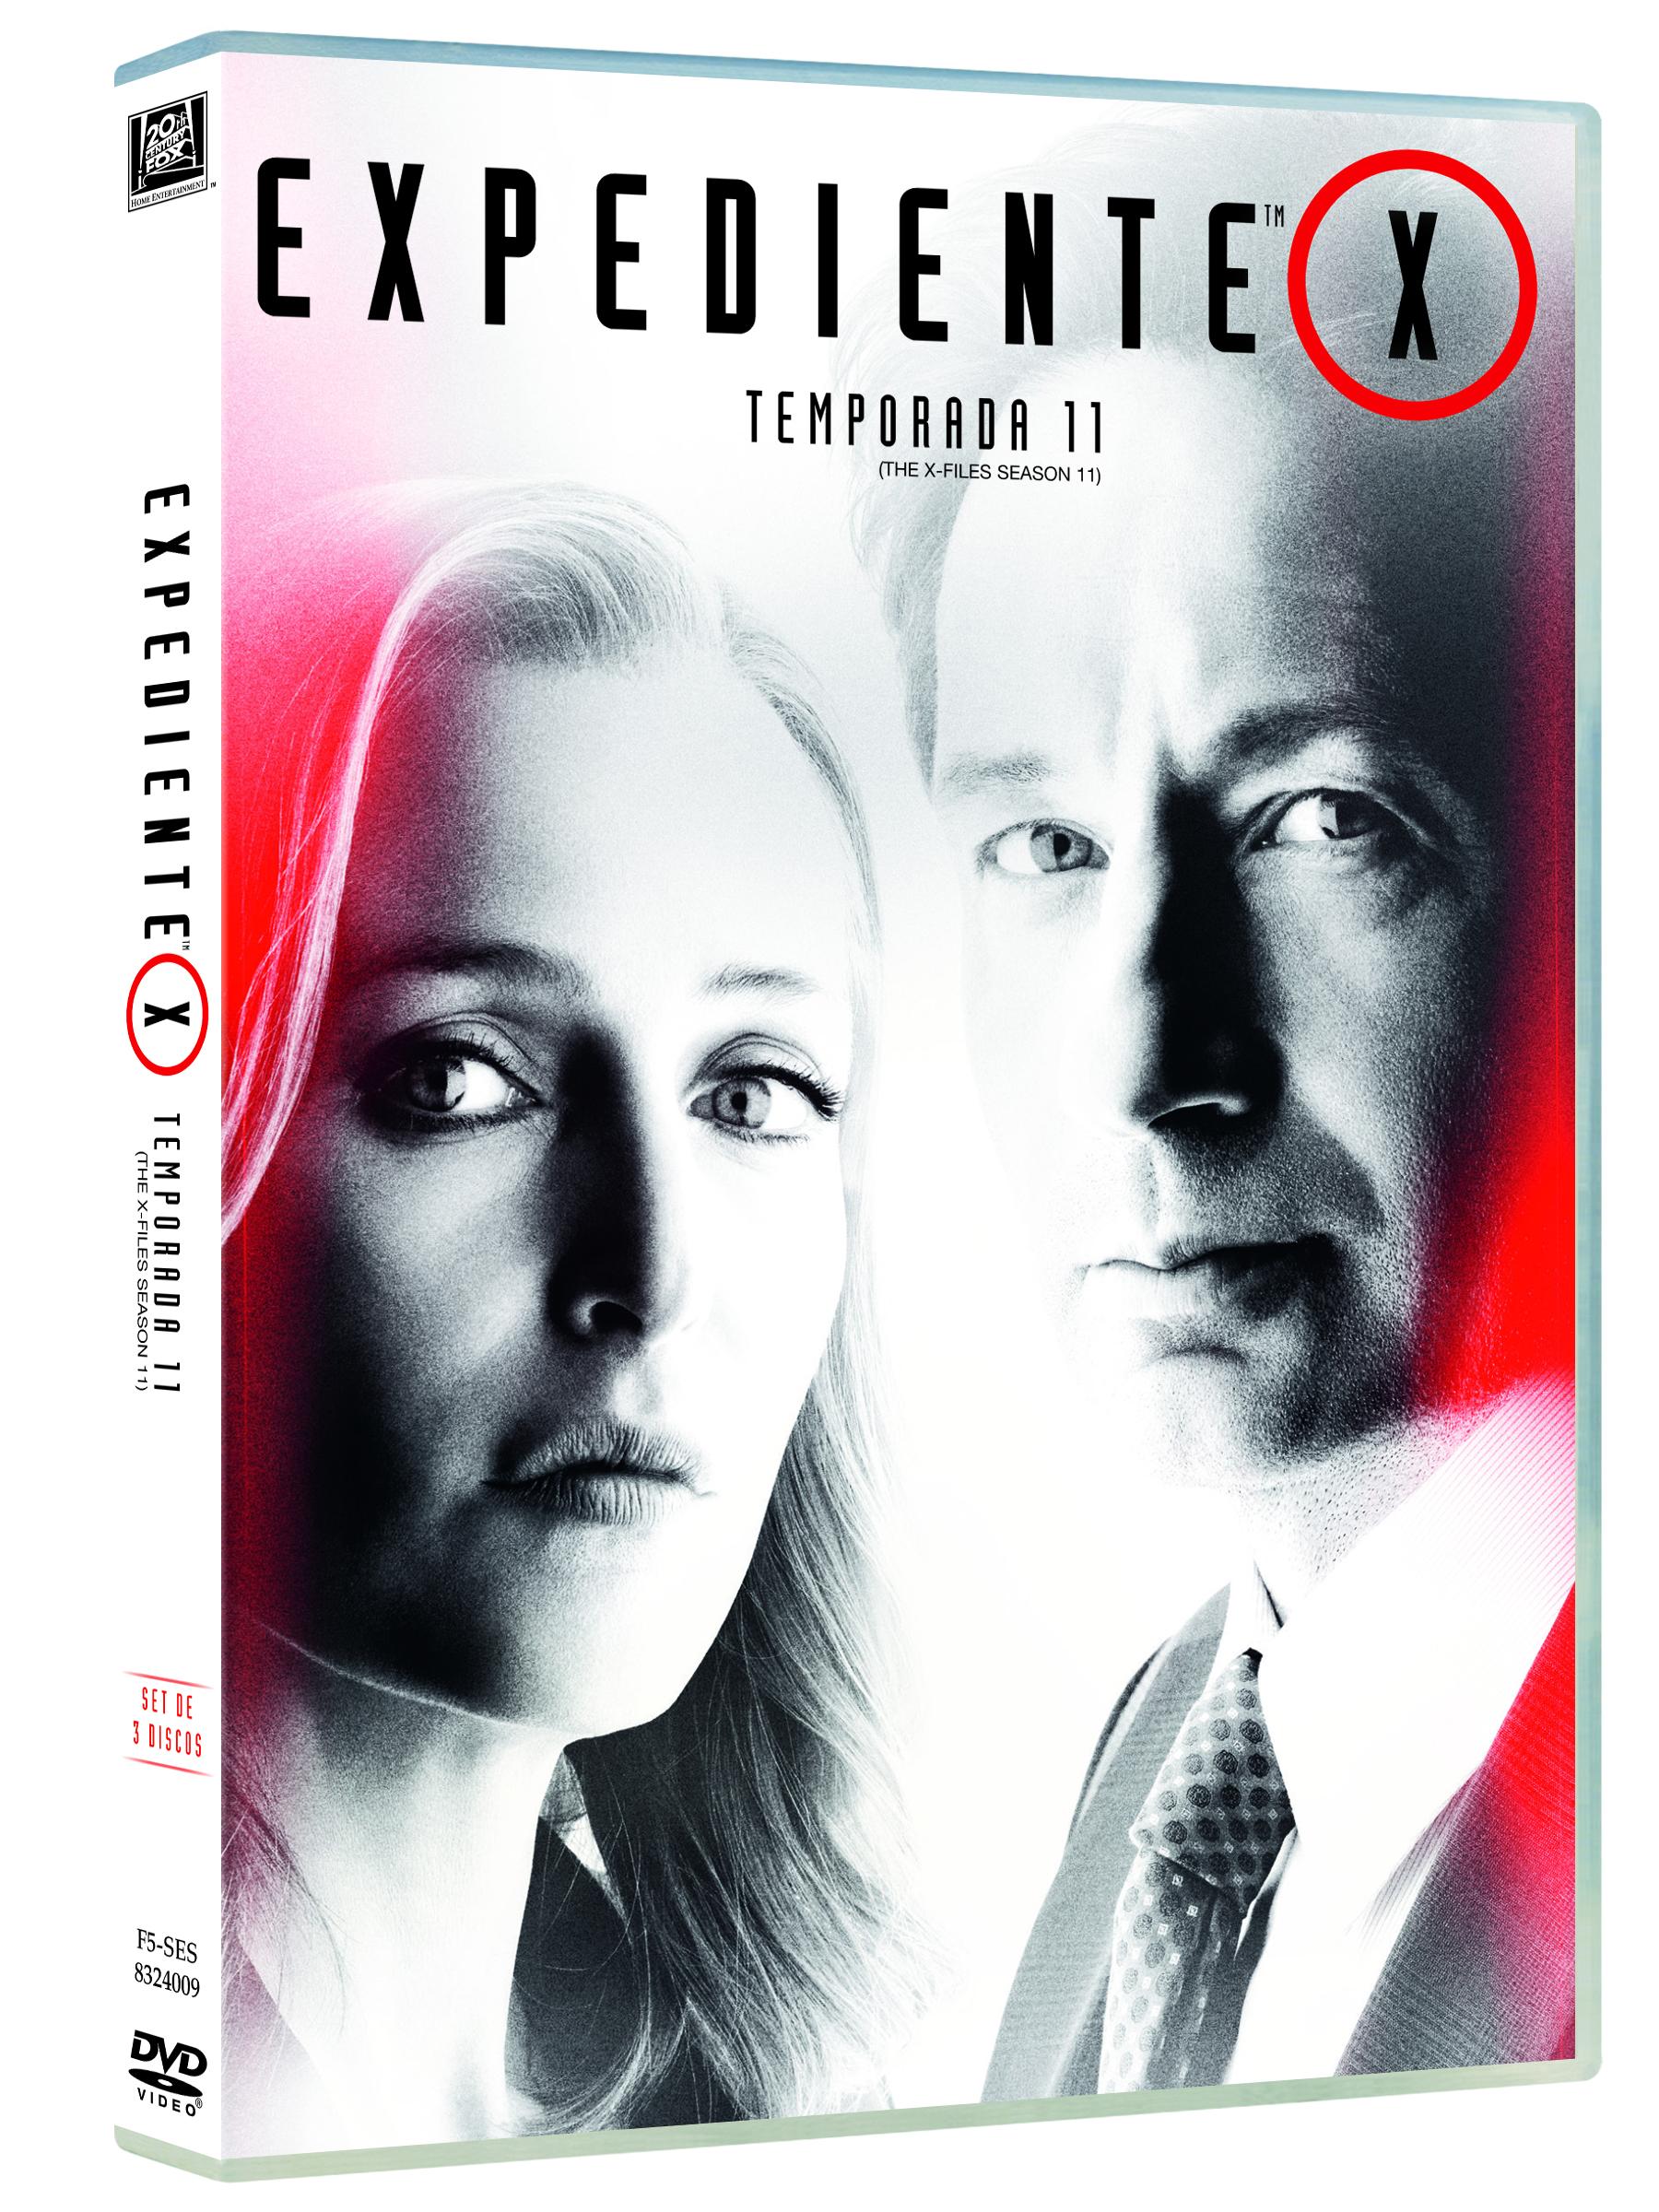 'Expediente X: Temporada 11' llegará en Blu-ray y Dvd el 25 de julio • En tu pantalla